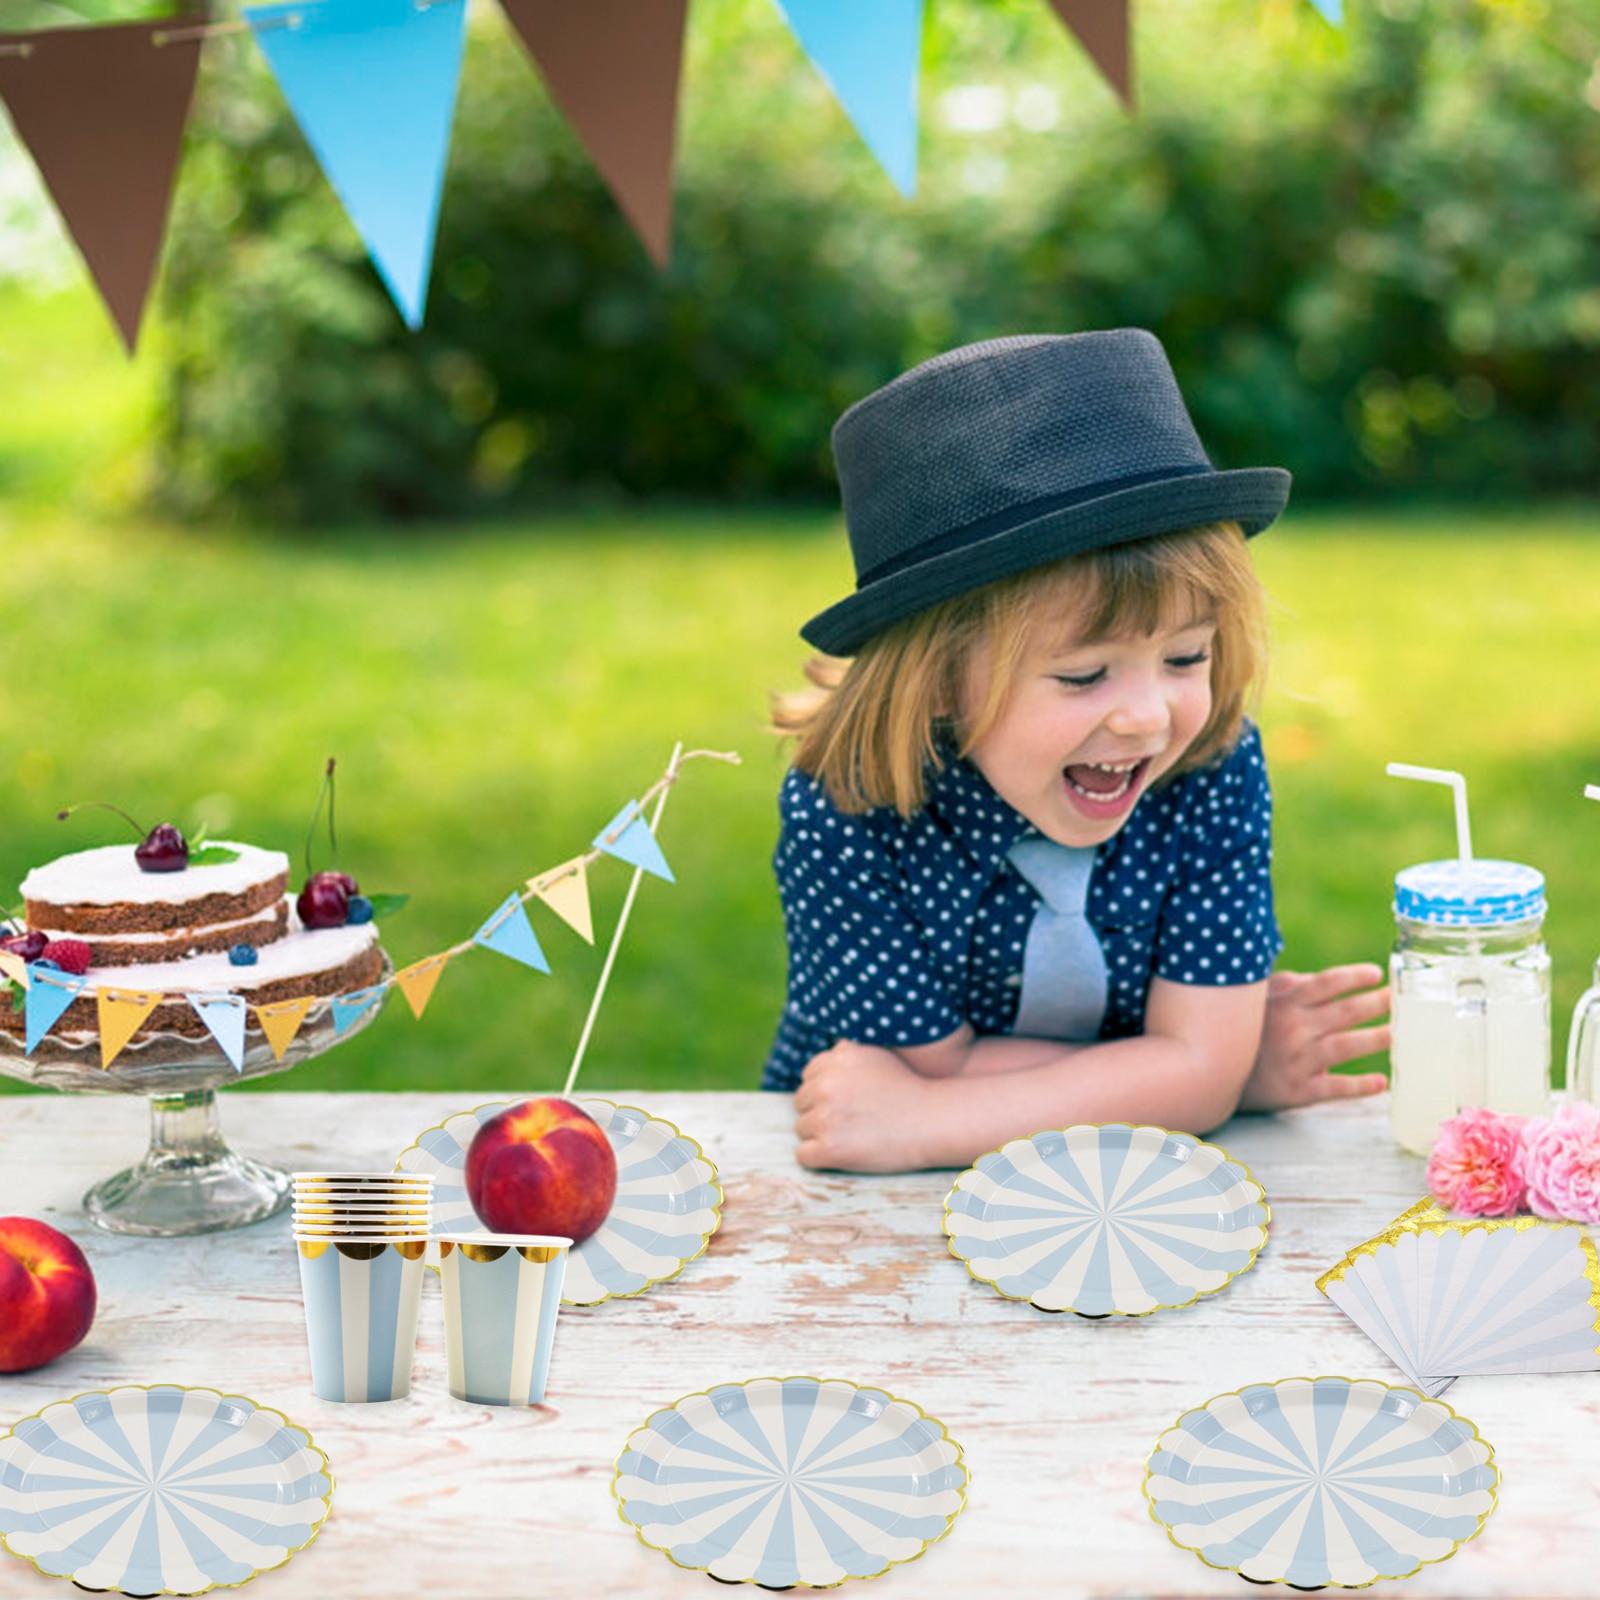 Verjaardag Bruiloft Decoraties Hot stamping Goud Roze Papier Streep Papier Cup Plaat Vlag Voor kids Baby Shower Jongen Meisje gift 5